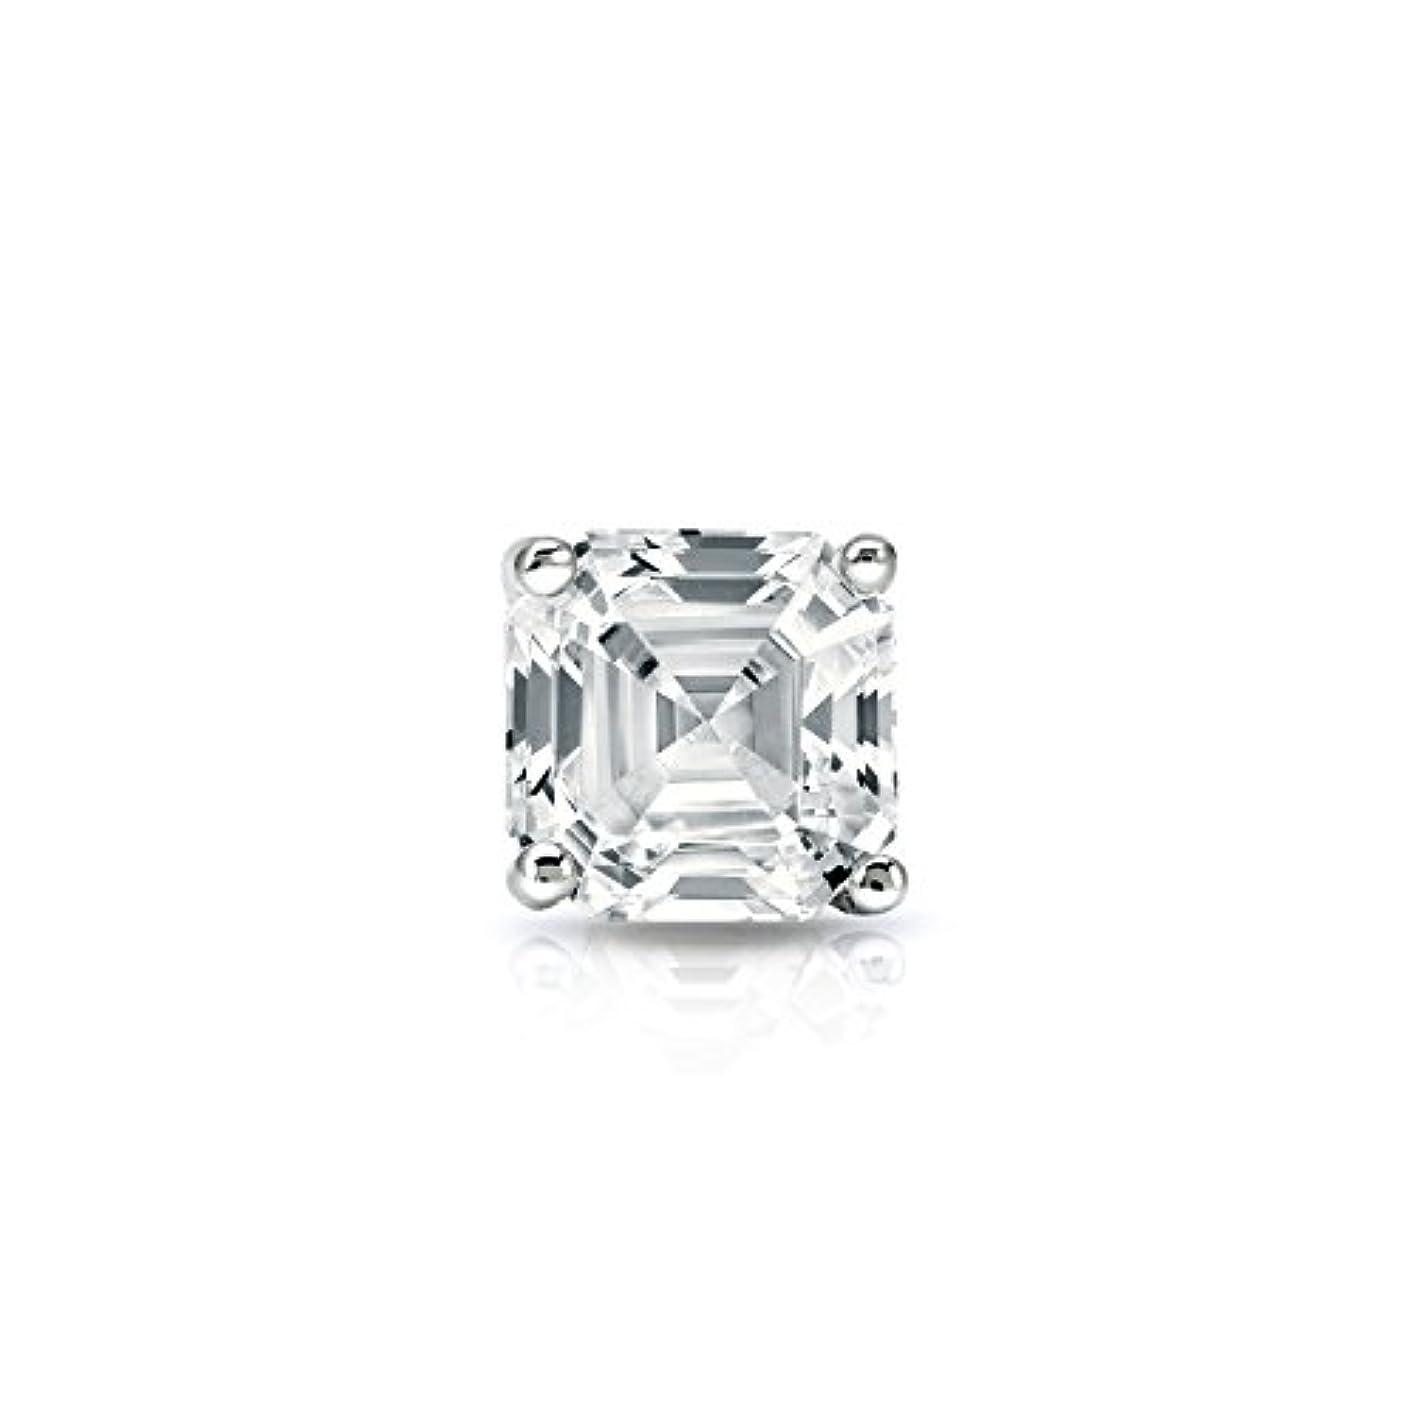 受信機十分な椅子18 Kホワイトゴールド4プロングMartini Asscherダイヤモンドメンズシングルスタッドイヤリング( 1 / 4 – 1 CT、ホワイト、si1-si2 ) push-back